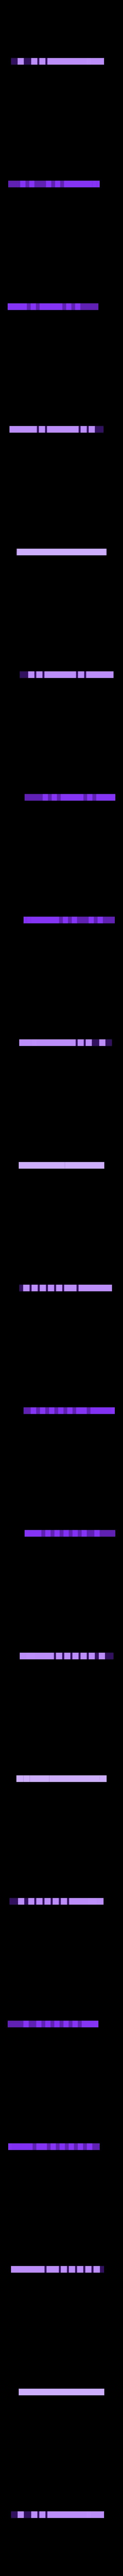 54ef6e5e bb7f 41b0 a668 a9fc76189e49